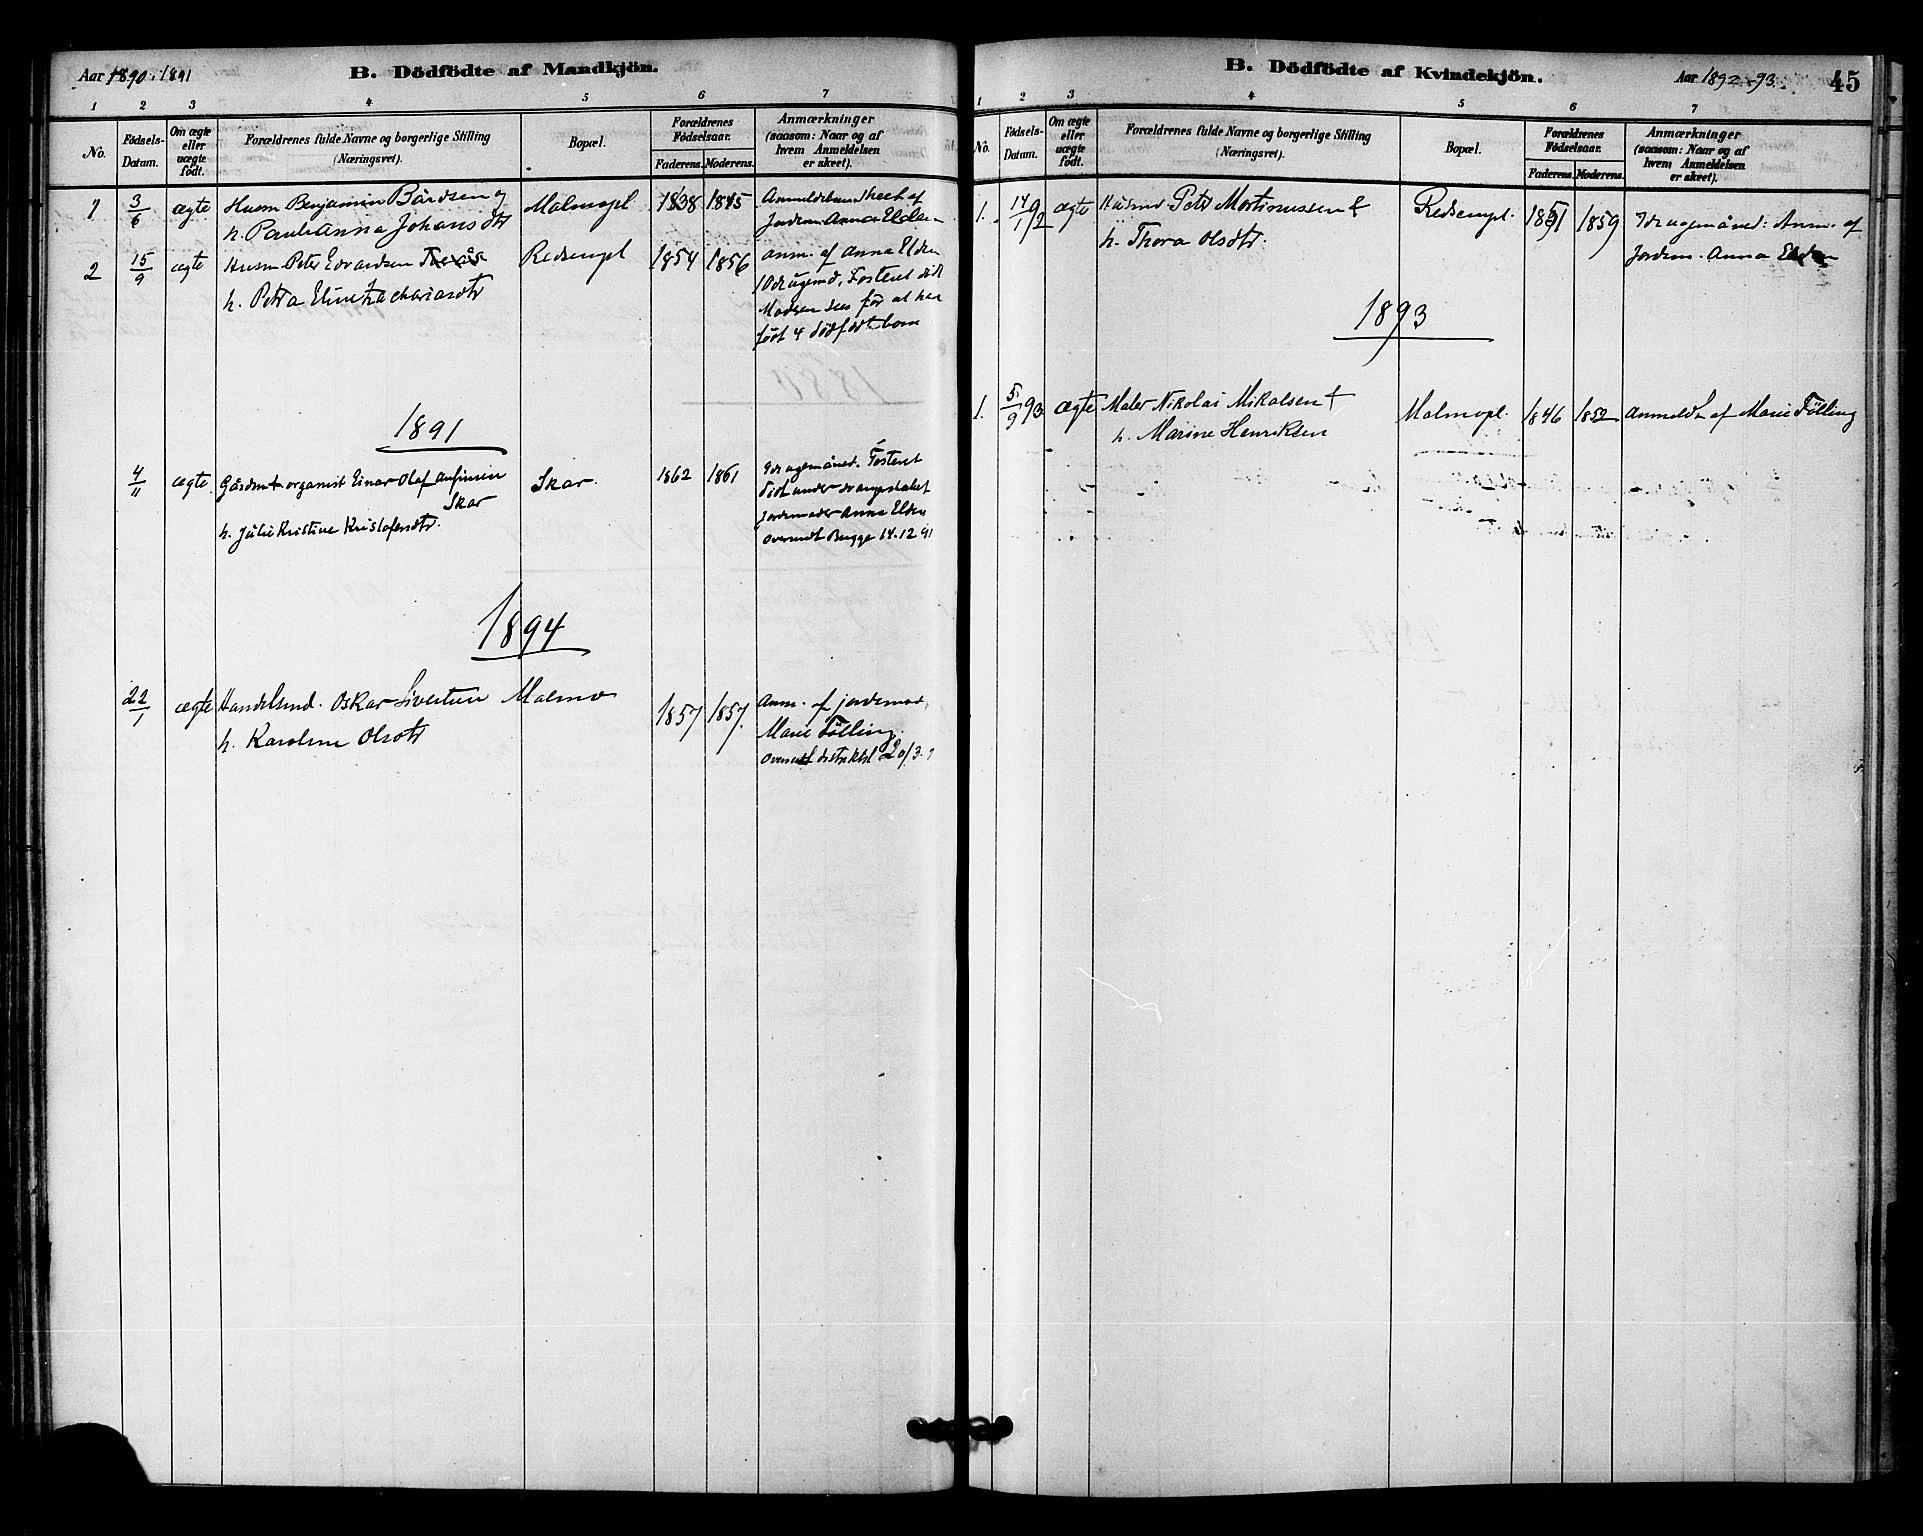 SAT, Ministerialprotokoller, klokkerbøker og fødselsregistre - Nord-Trøndelag, 745/L0429: Ministerialbok nr. 745A01, 1878-1894, s. 45